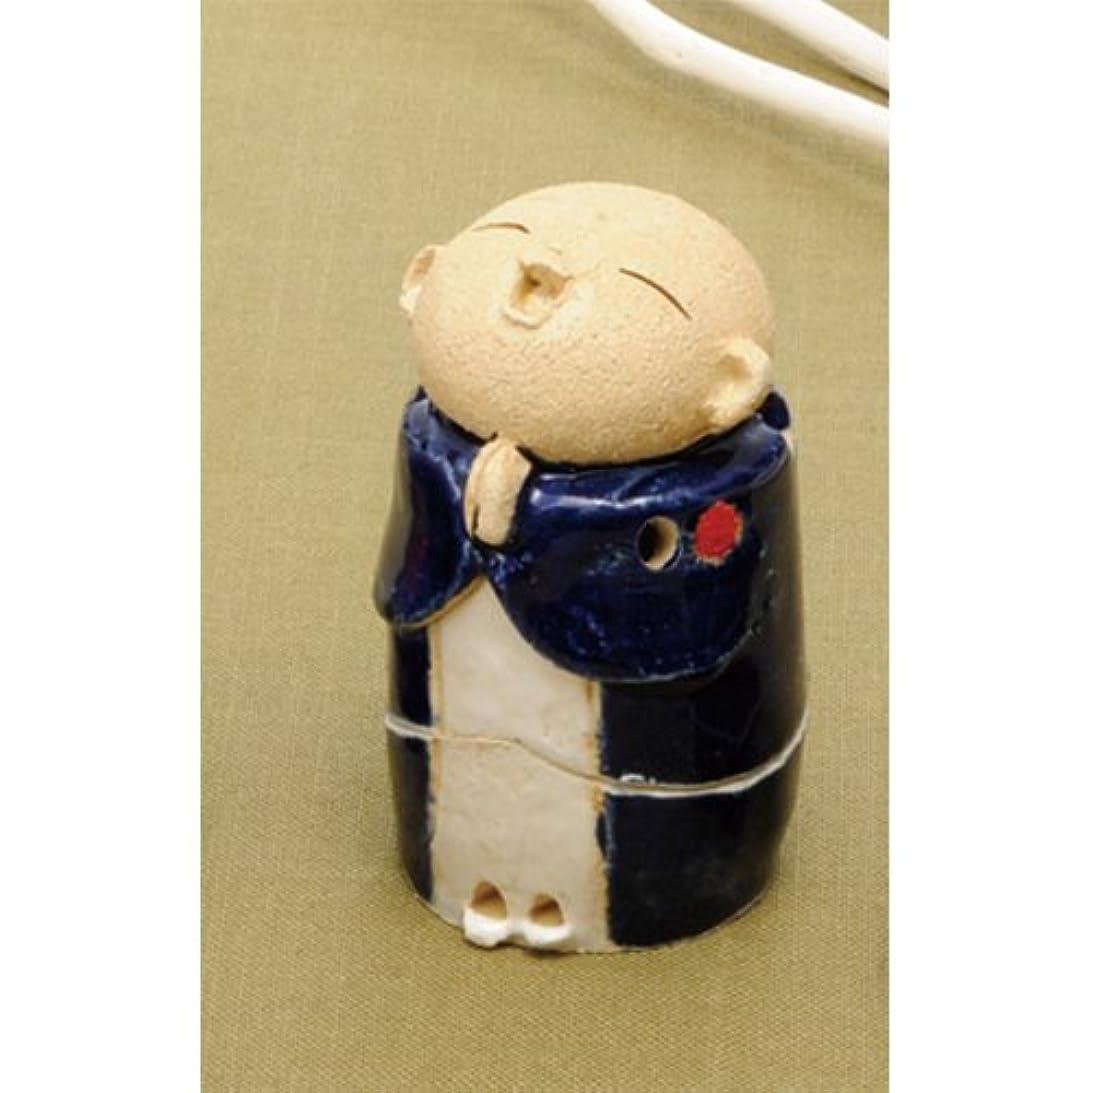 上に築きます雪だるまアミューズメントお地蔵様 香炉シリーズ 青 お地蔵様 香炉 2.8寸 [H8.5cm] HANDMADE プレゼント ギフト 和食器 かわいい インテリア